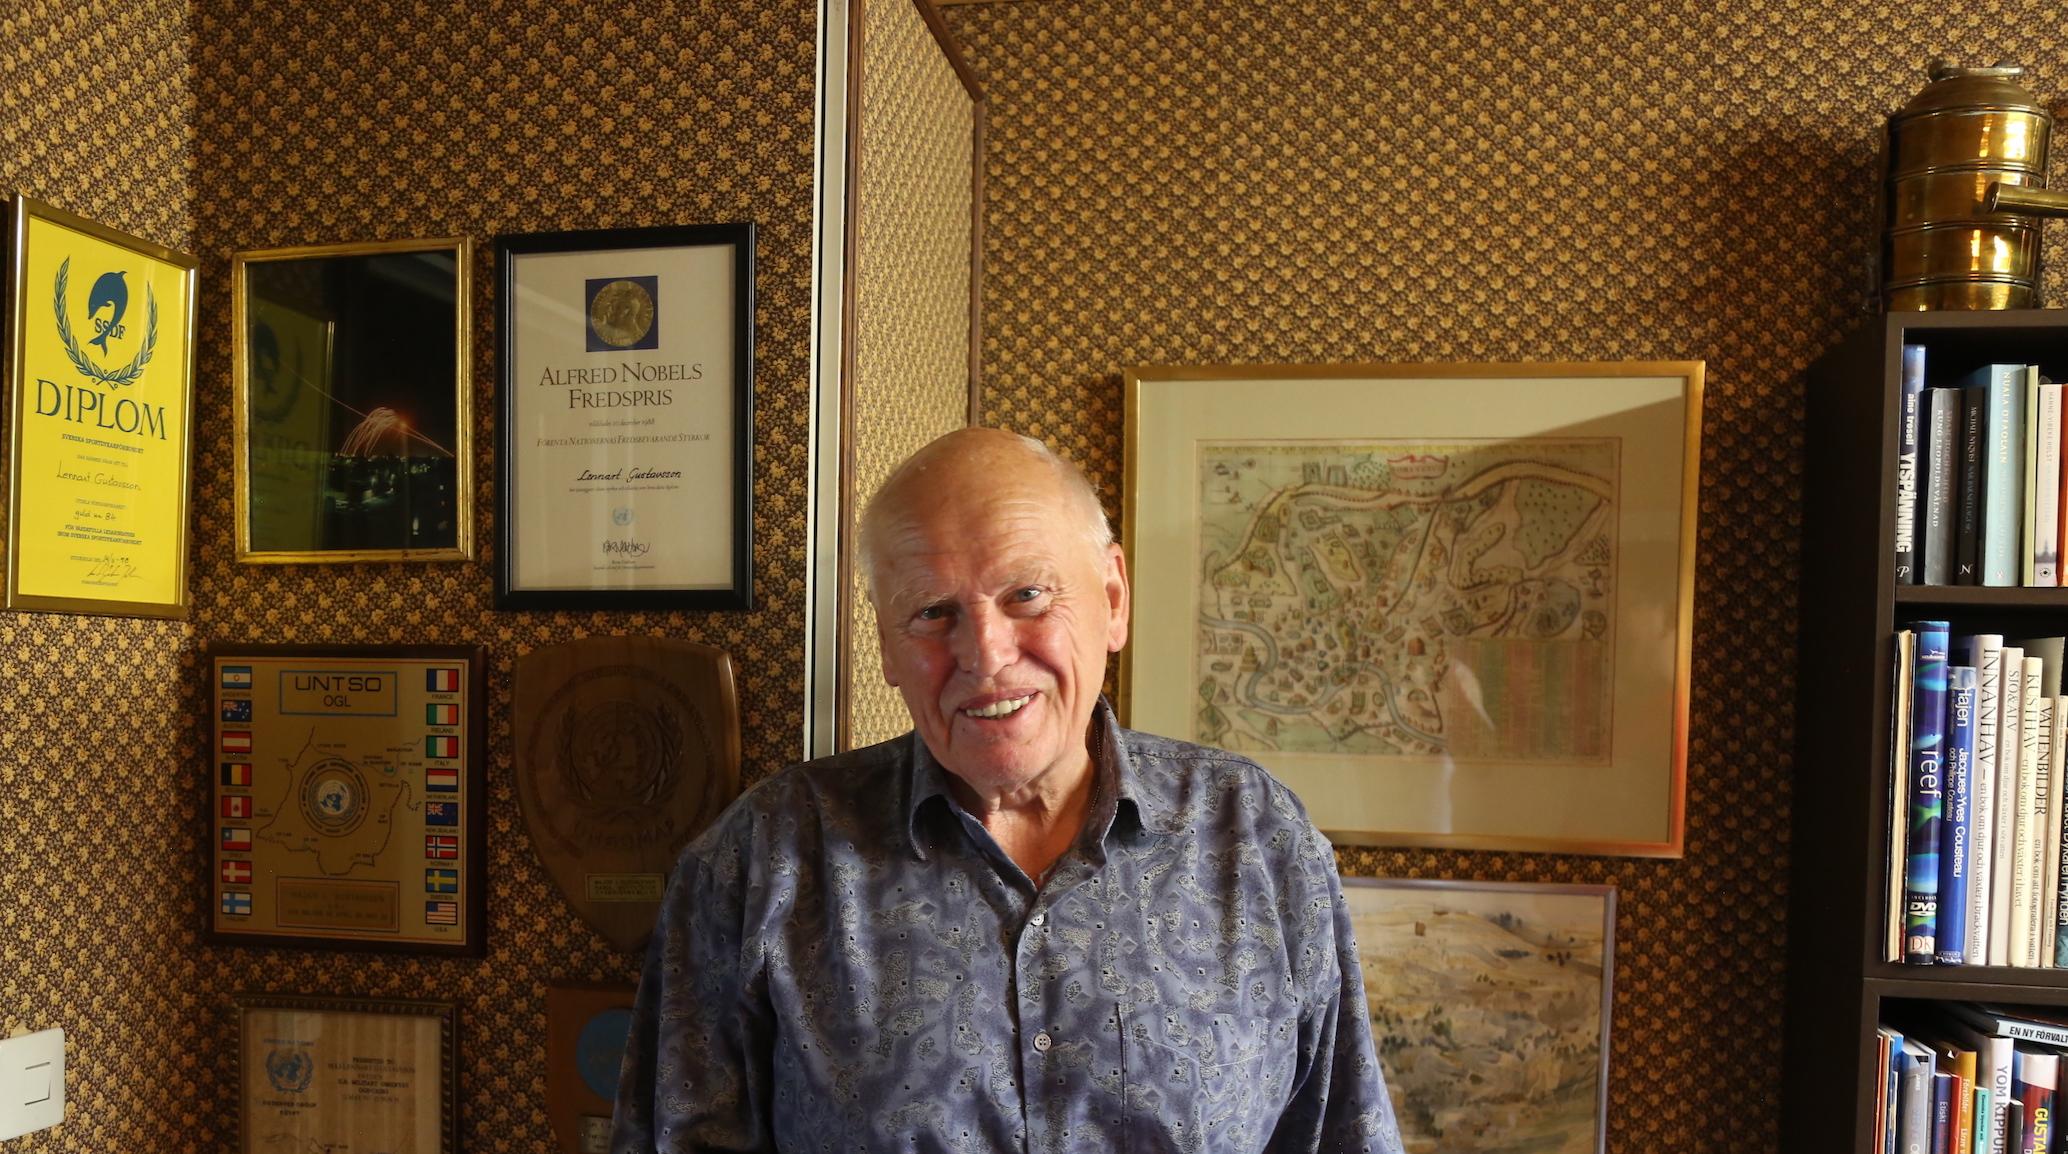 专访诺贝尔和平奖得主:  合作对话,止暴治乱,维护繁荣稳定自由的香港